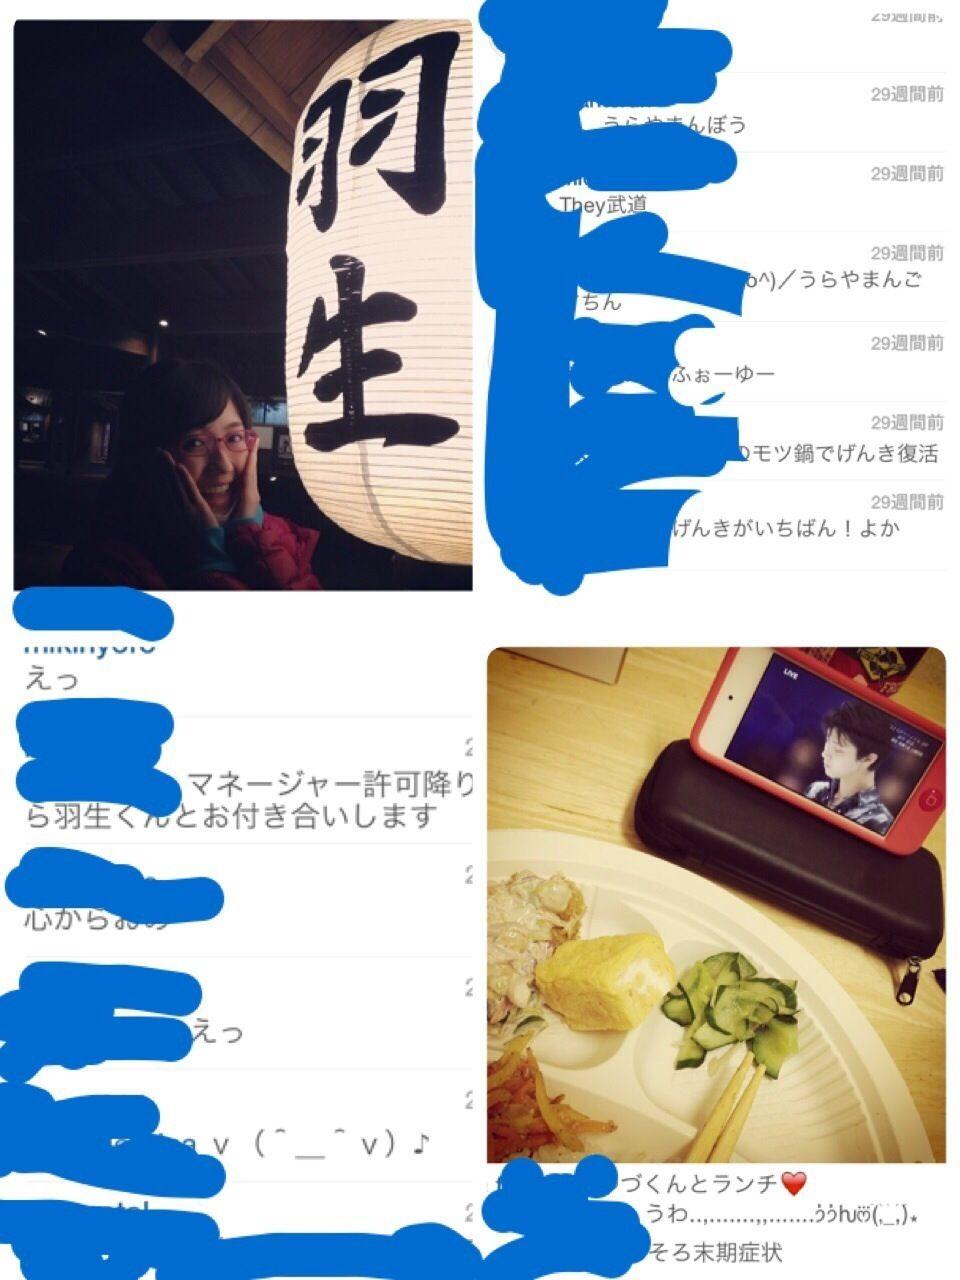 https://livedoor.blogimg.jp/hellopro2ch/imgs/e/7/e7dcfa46.jpg